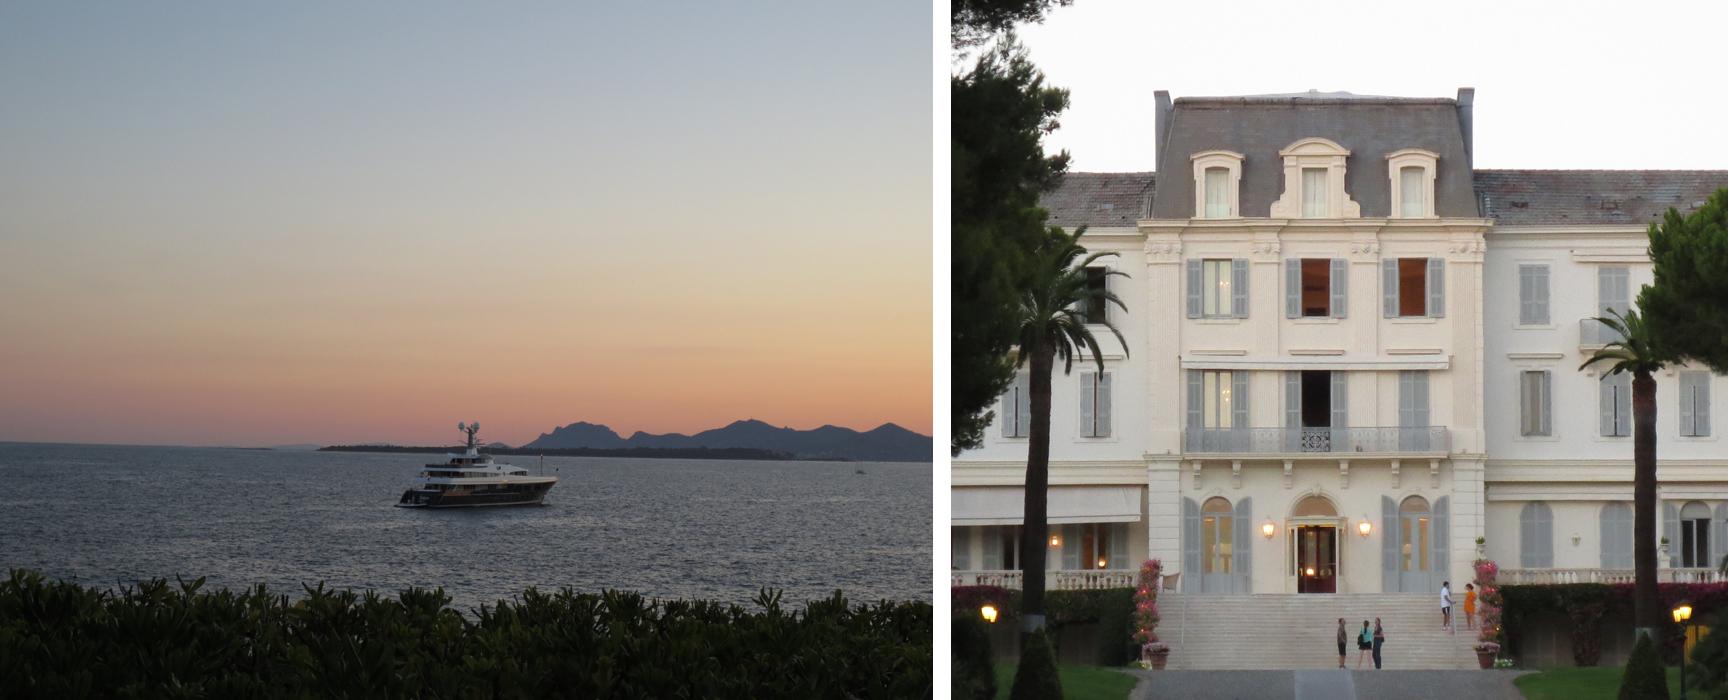 Sunset at Hotel d'Cap_Duo_web.jpg